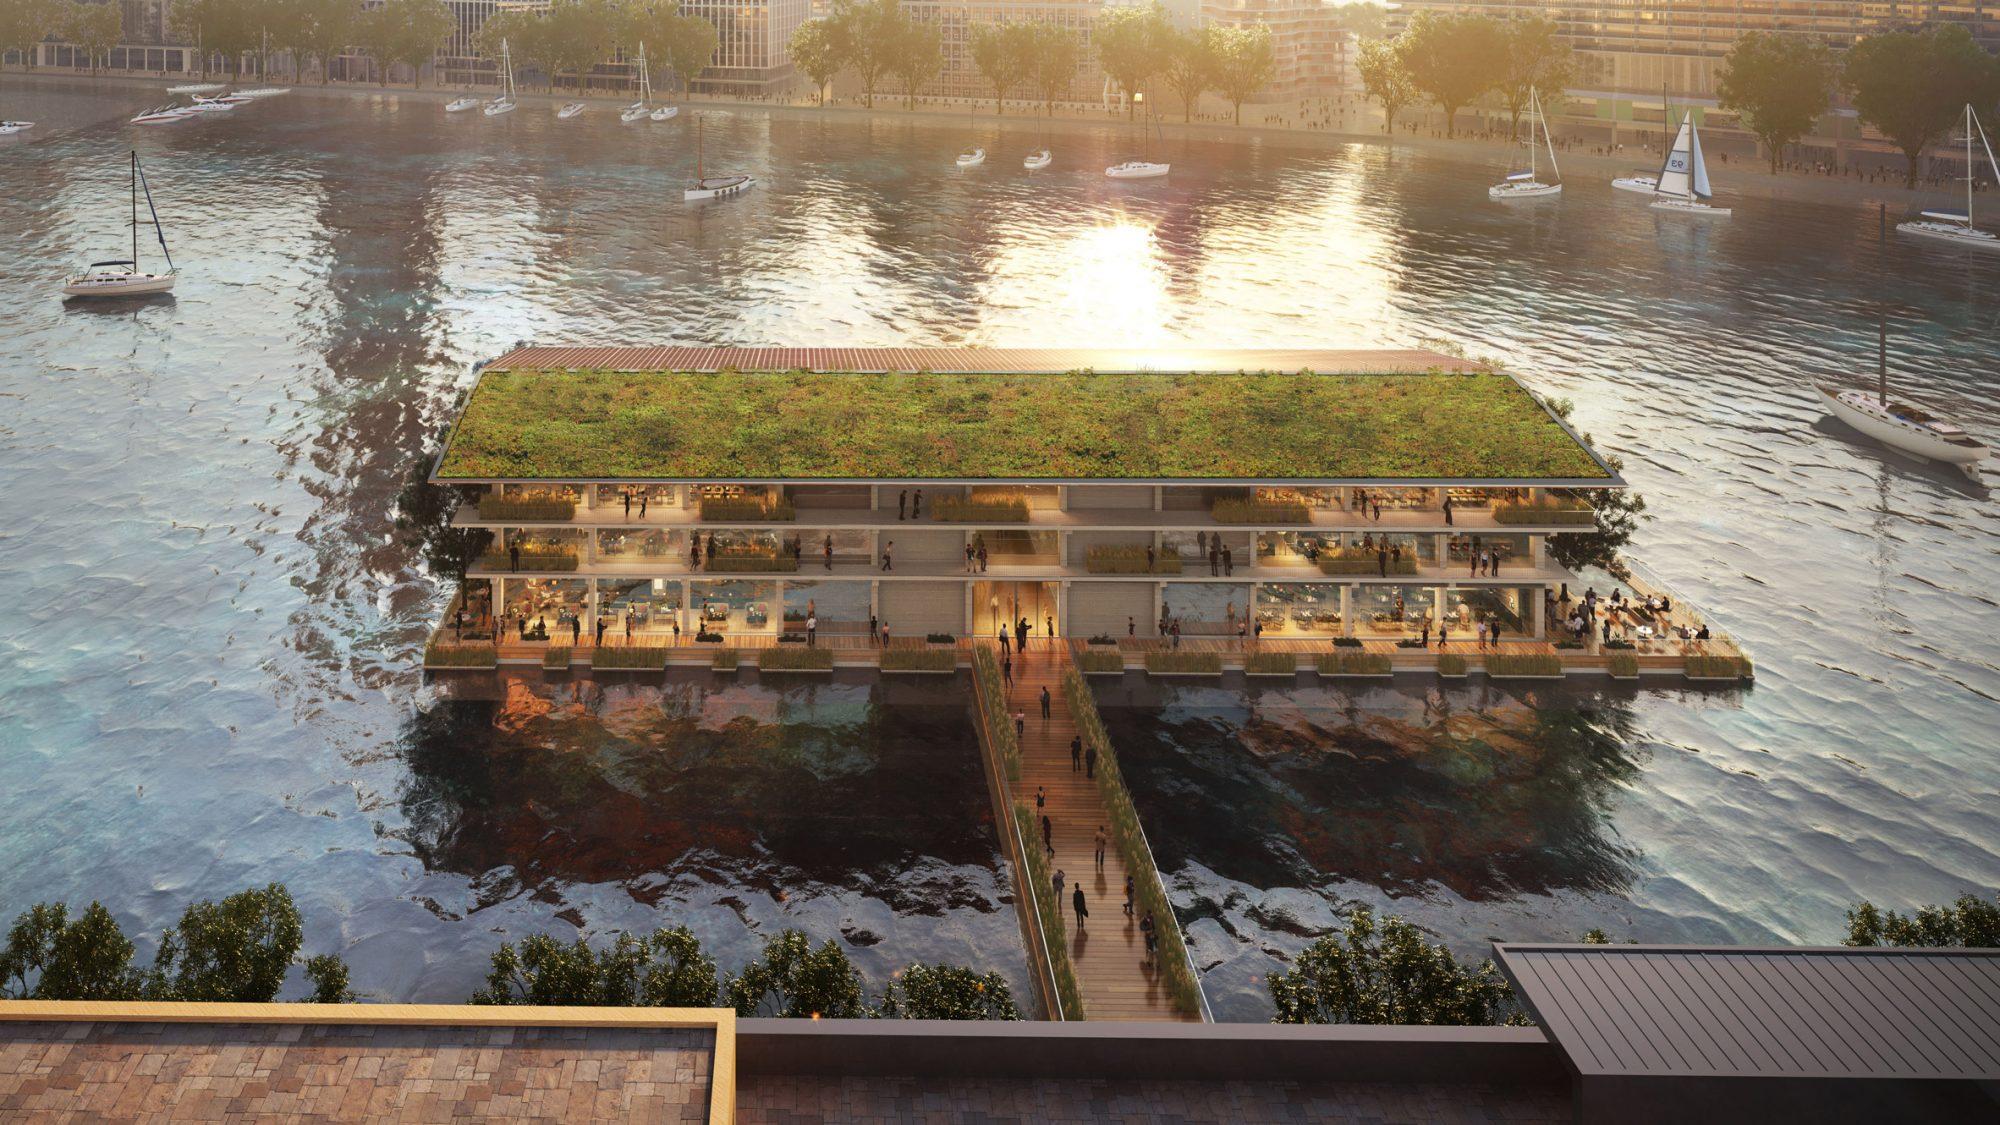 Et si les bureaux du futur étaient flottants et livrés par bateau ?